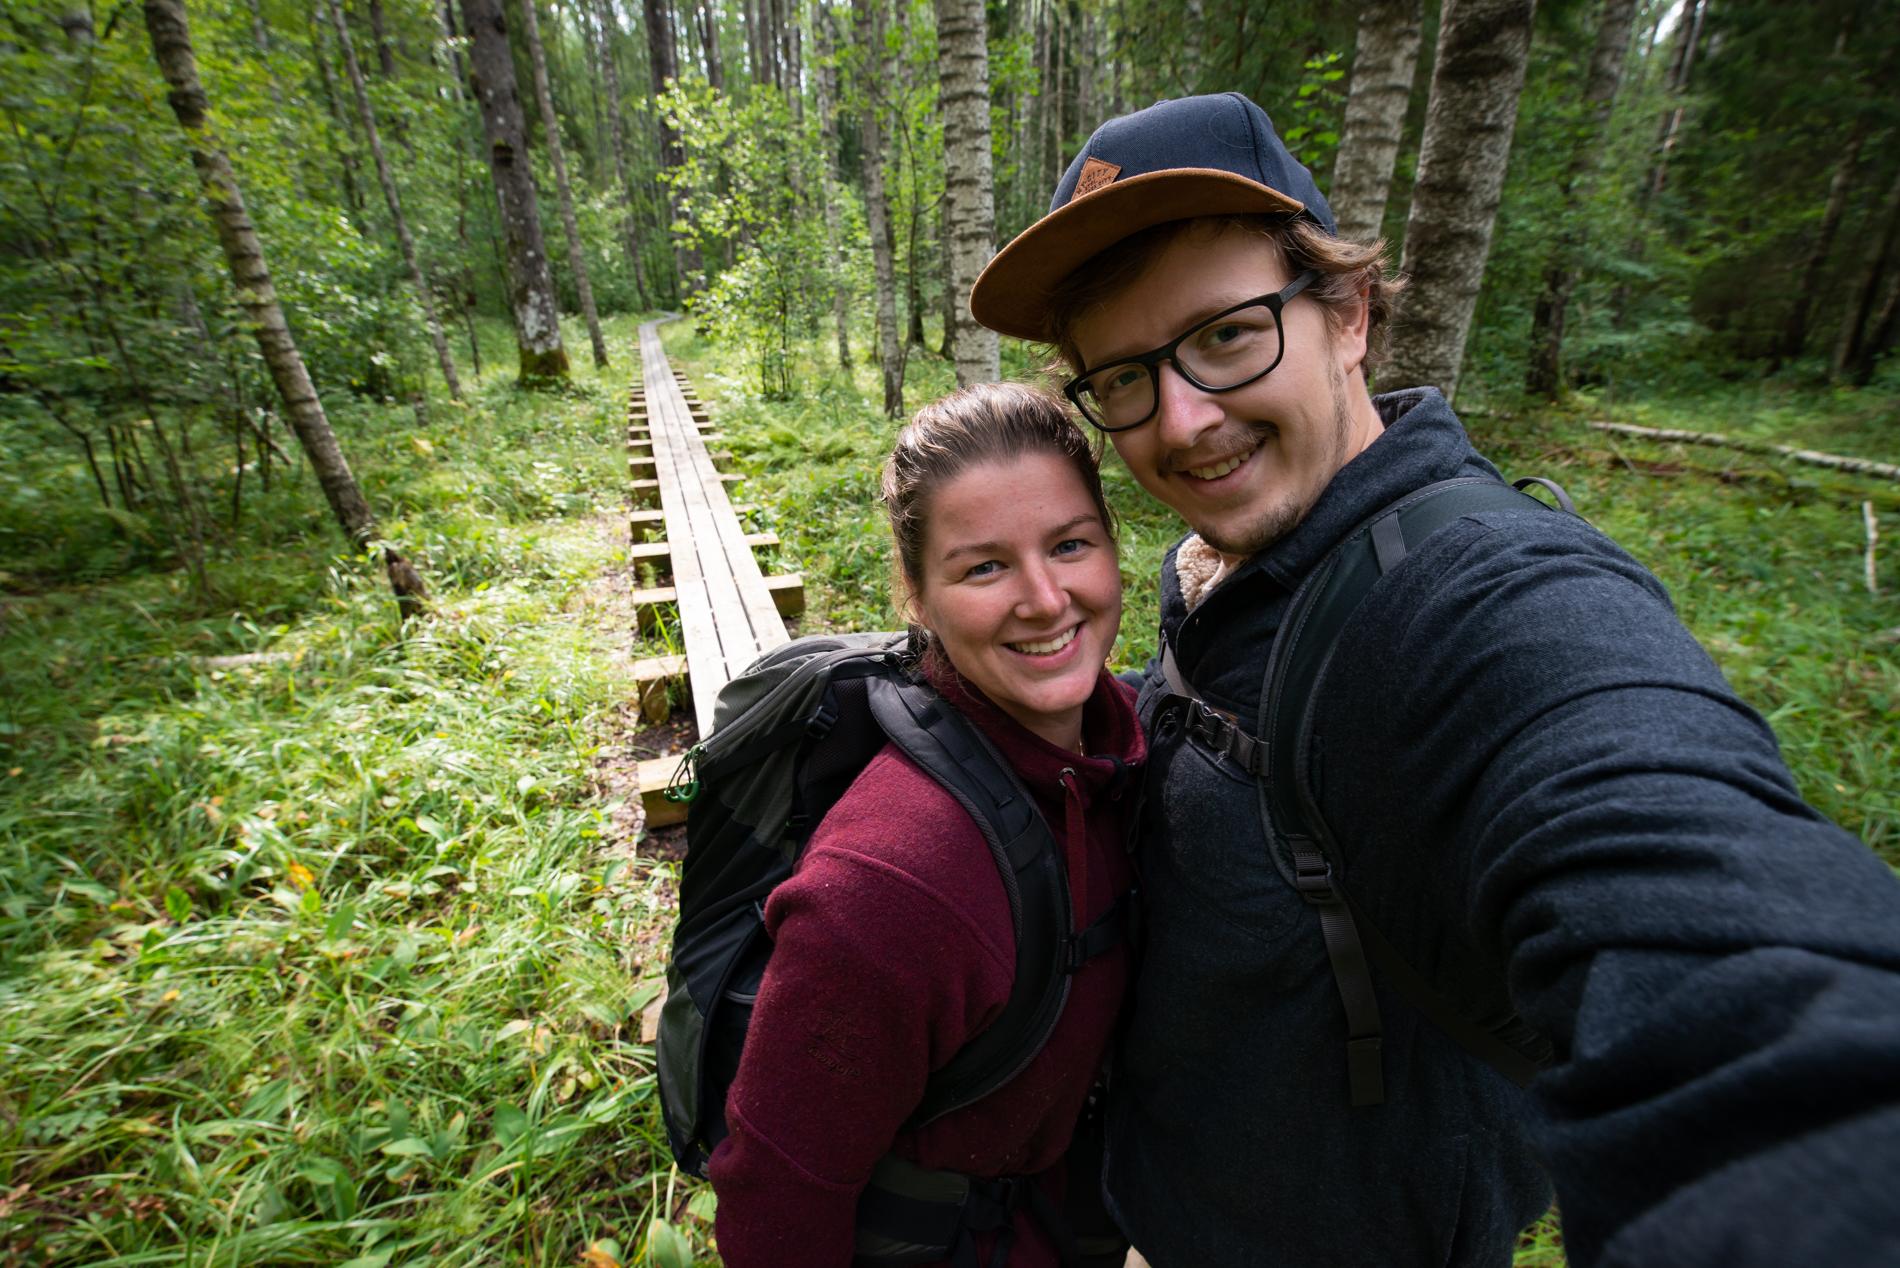 Ellis & me hiking in the Soomaa National Parc in Estonia.